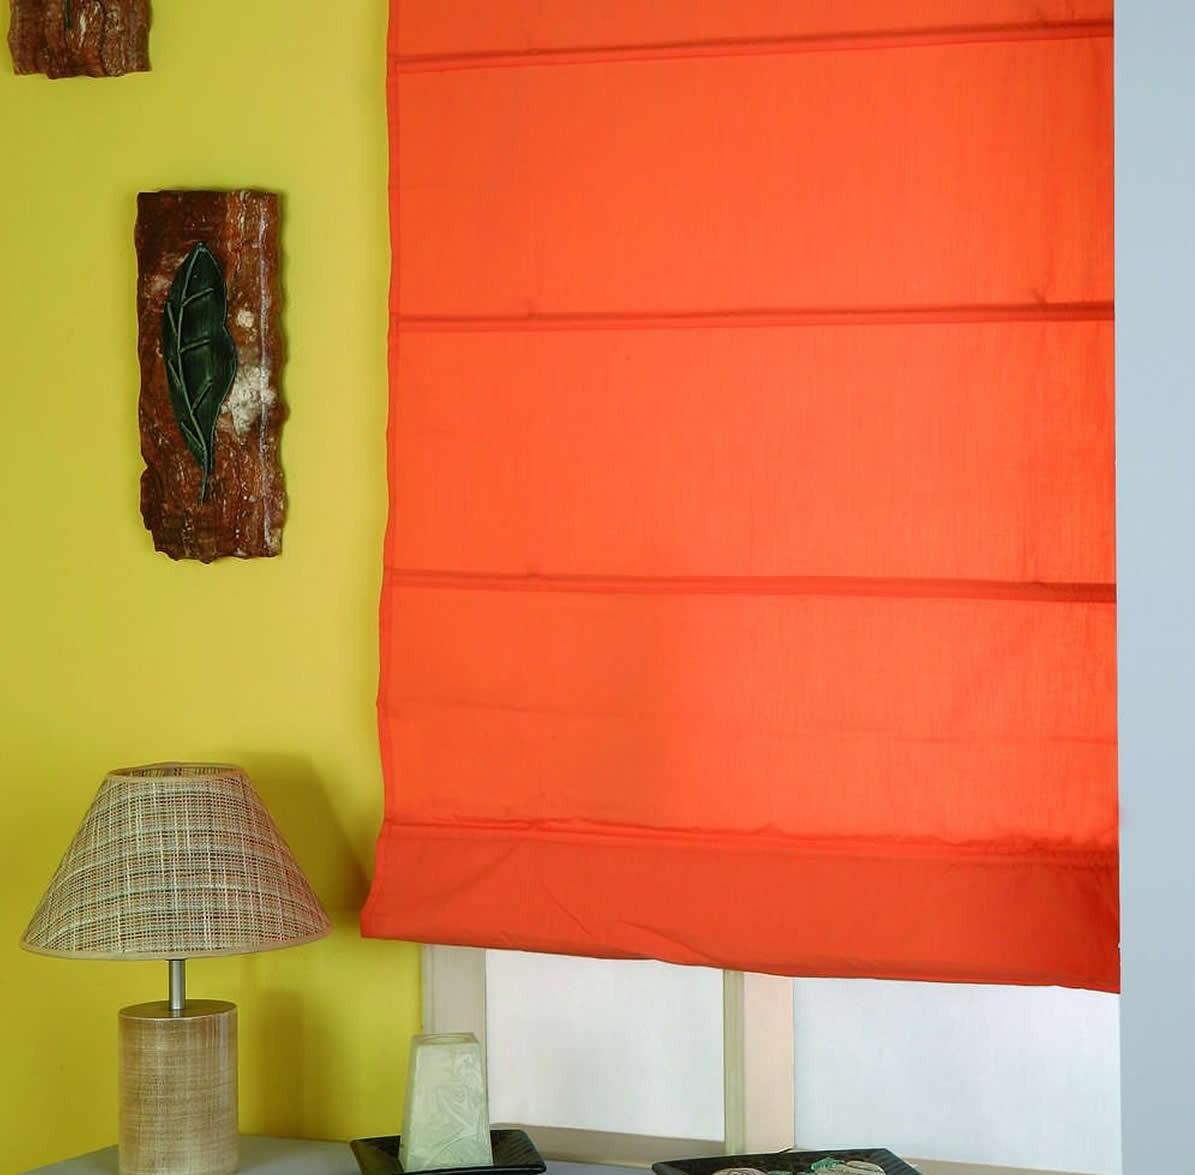 Estor con varillas aut ntics magatzems serra - Estor con cortina ...